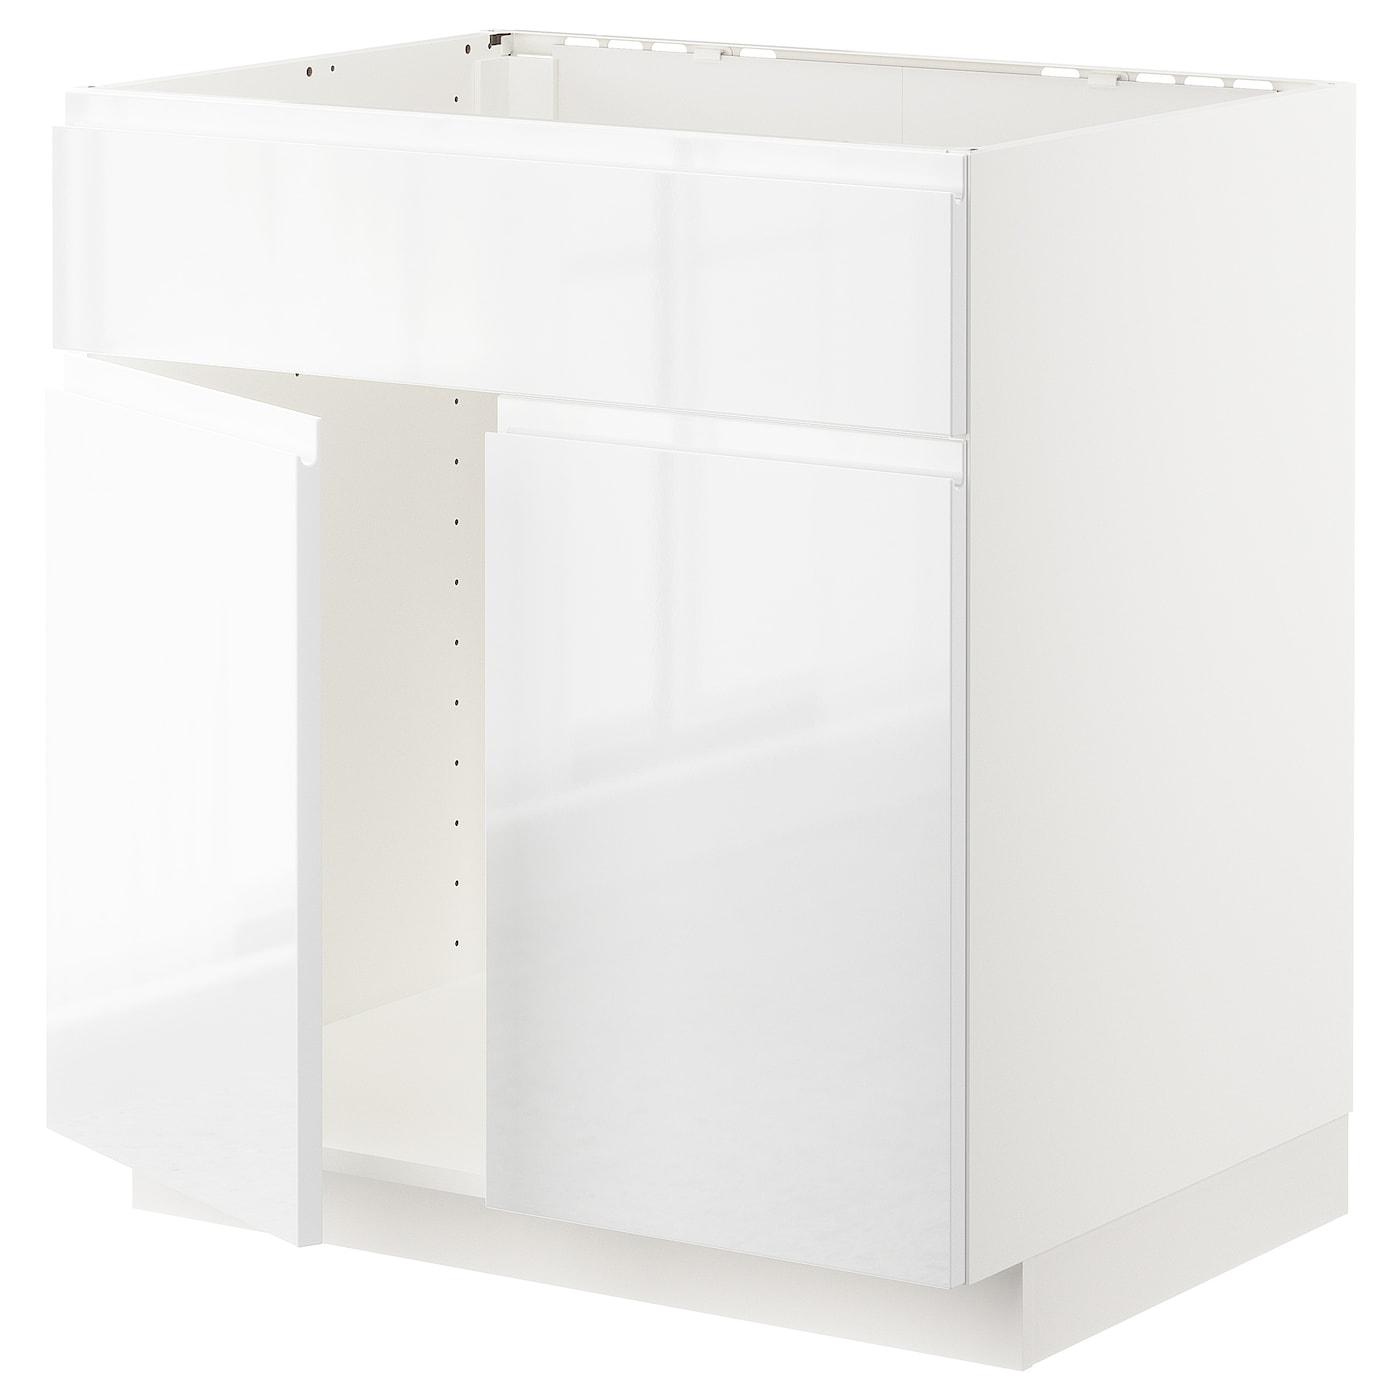 METOD, Unterschr für Spüle+2 Türen/Front, weiß 692.541.60